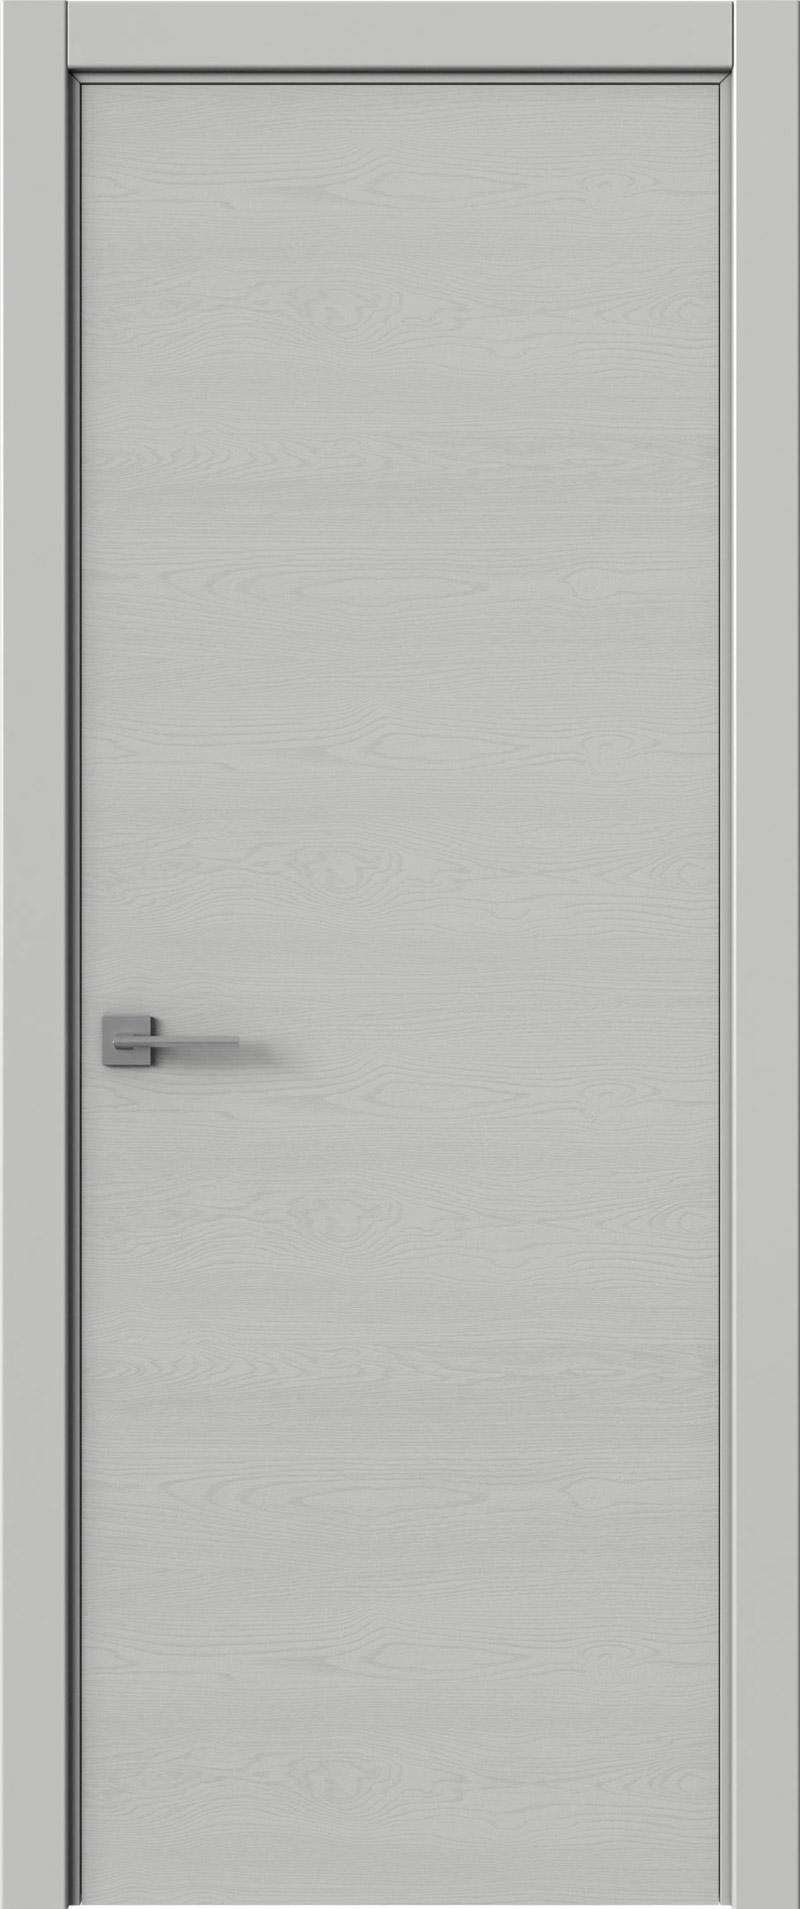 Tivoli А-2 цвет - Серая эмаль по шпону (RAL 7047) Без стекла (ДГ)